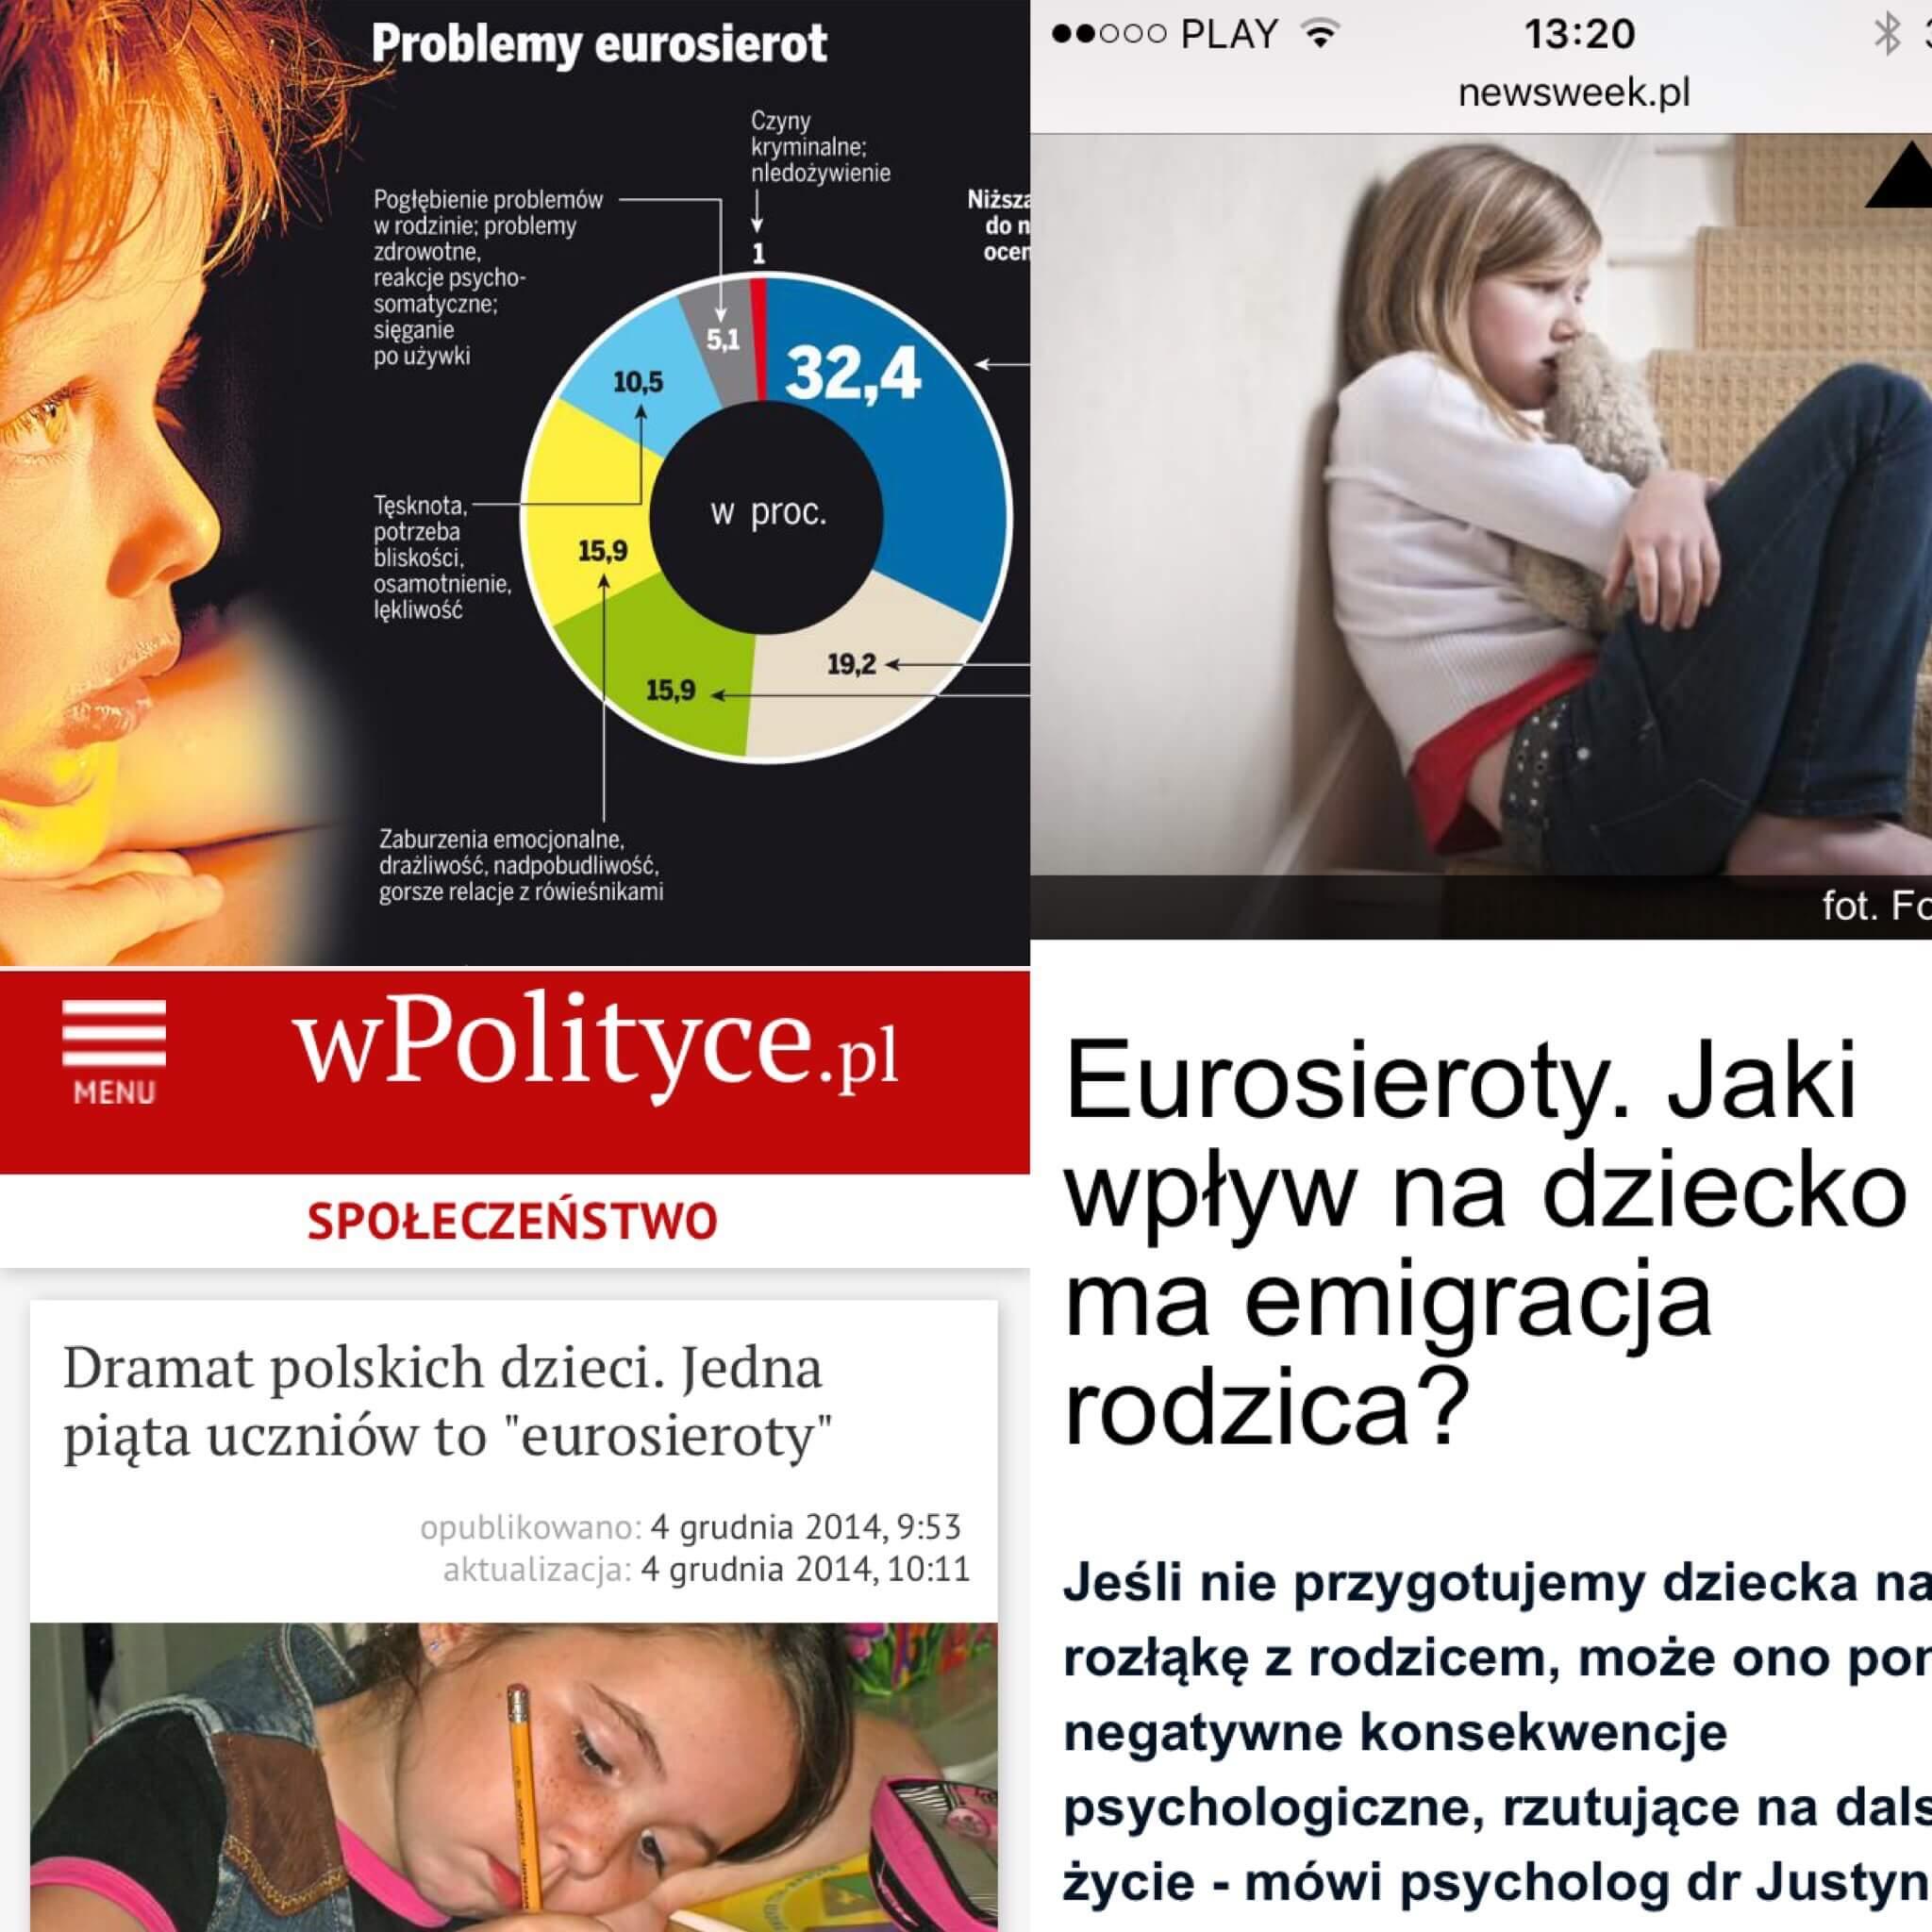 Screeny z newsweek.pl, dziennik.pl i wsieci.pl